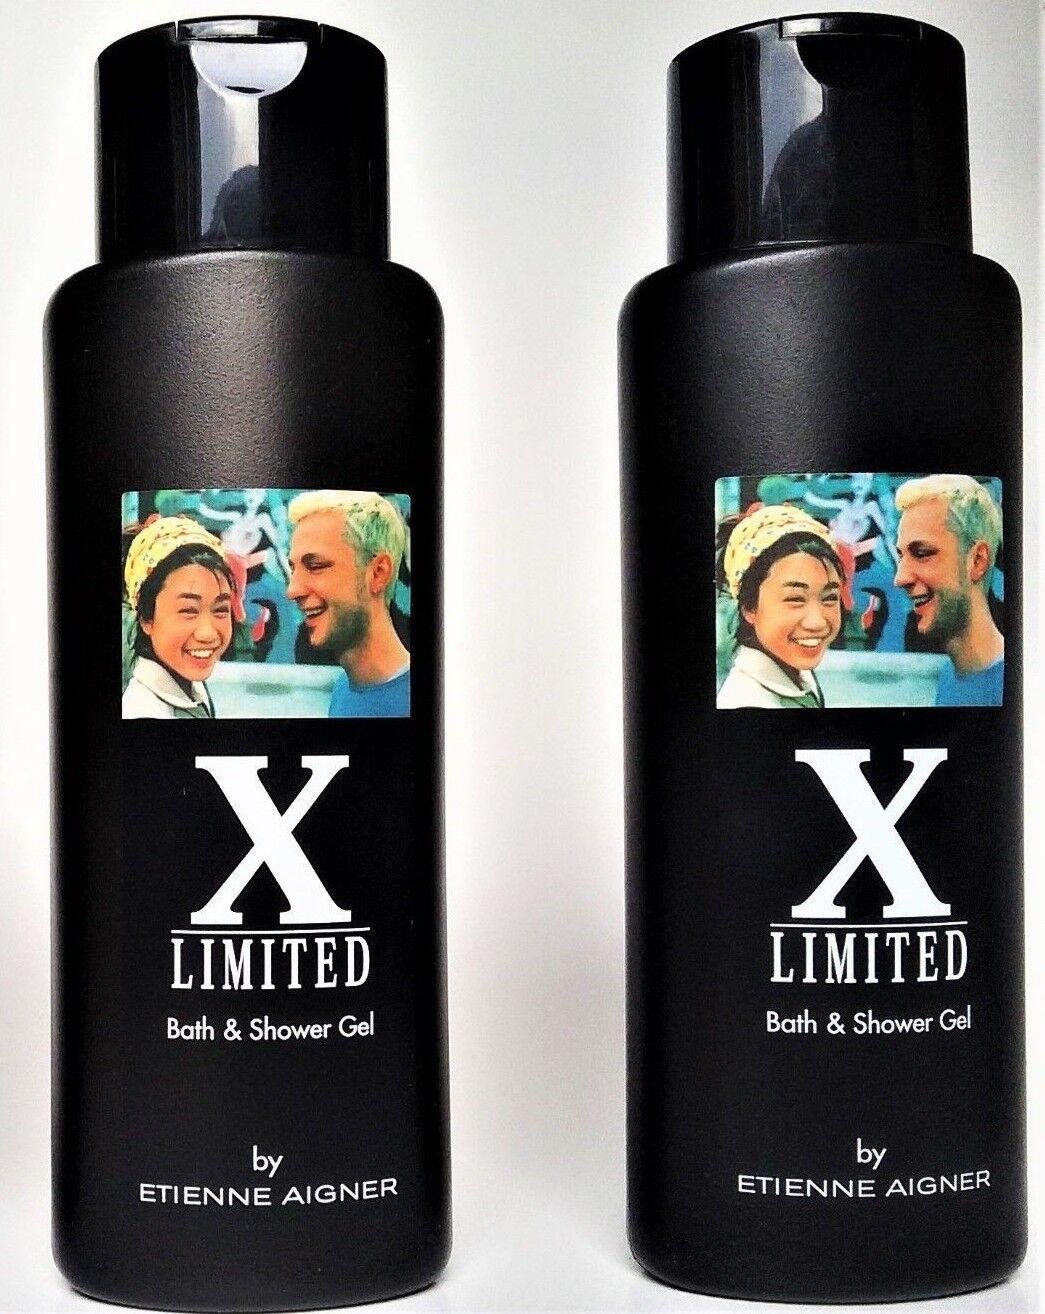 Etienne Aigner X- Limited Bath & Shower Gel  2 x 500 ml